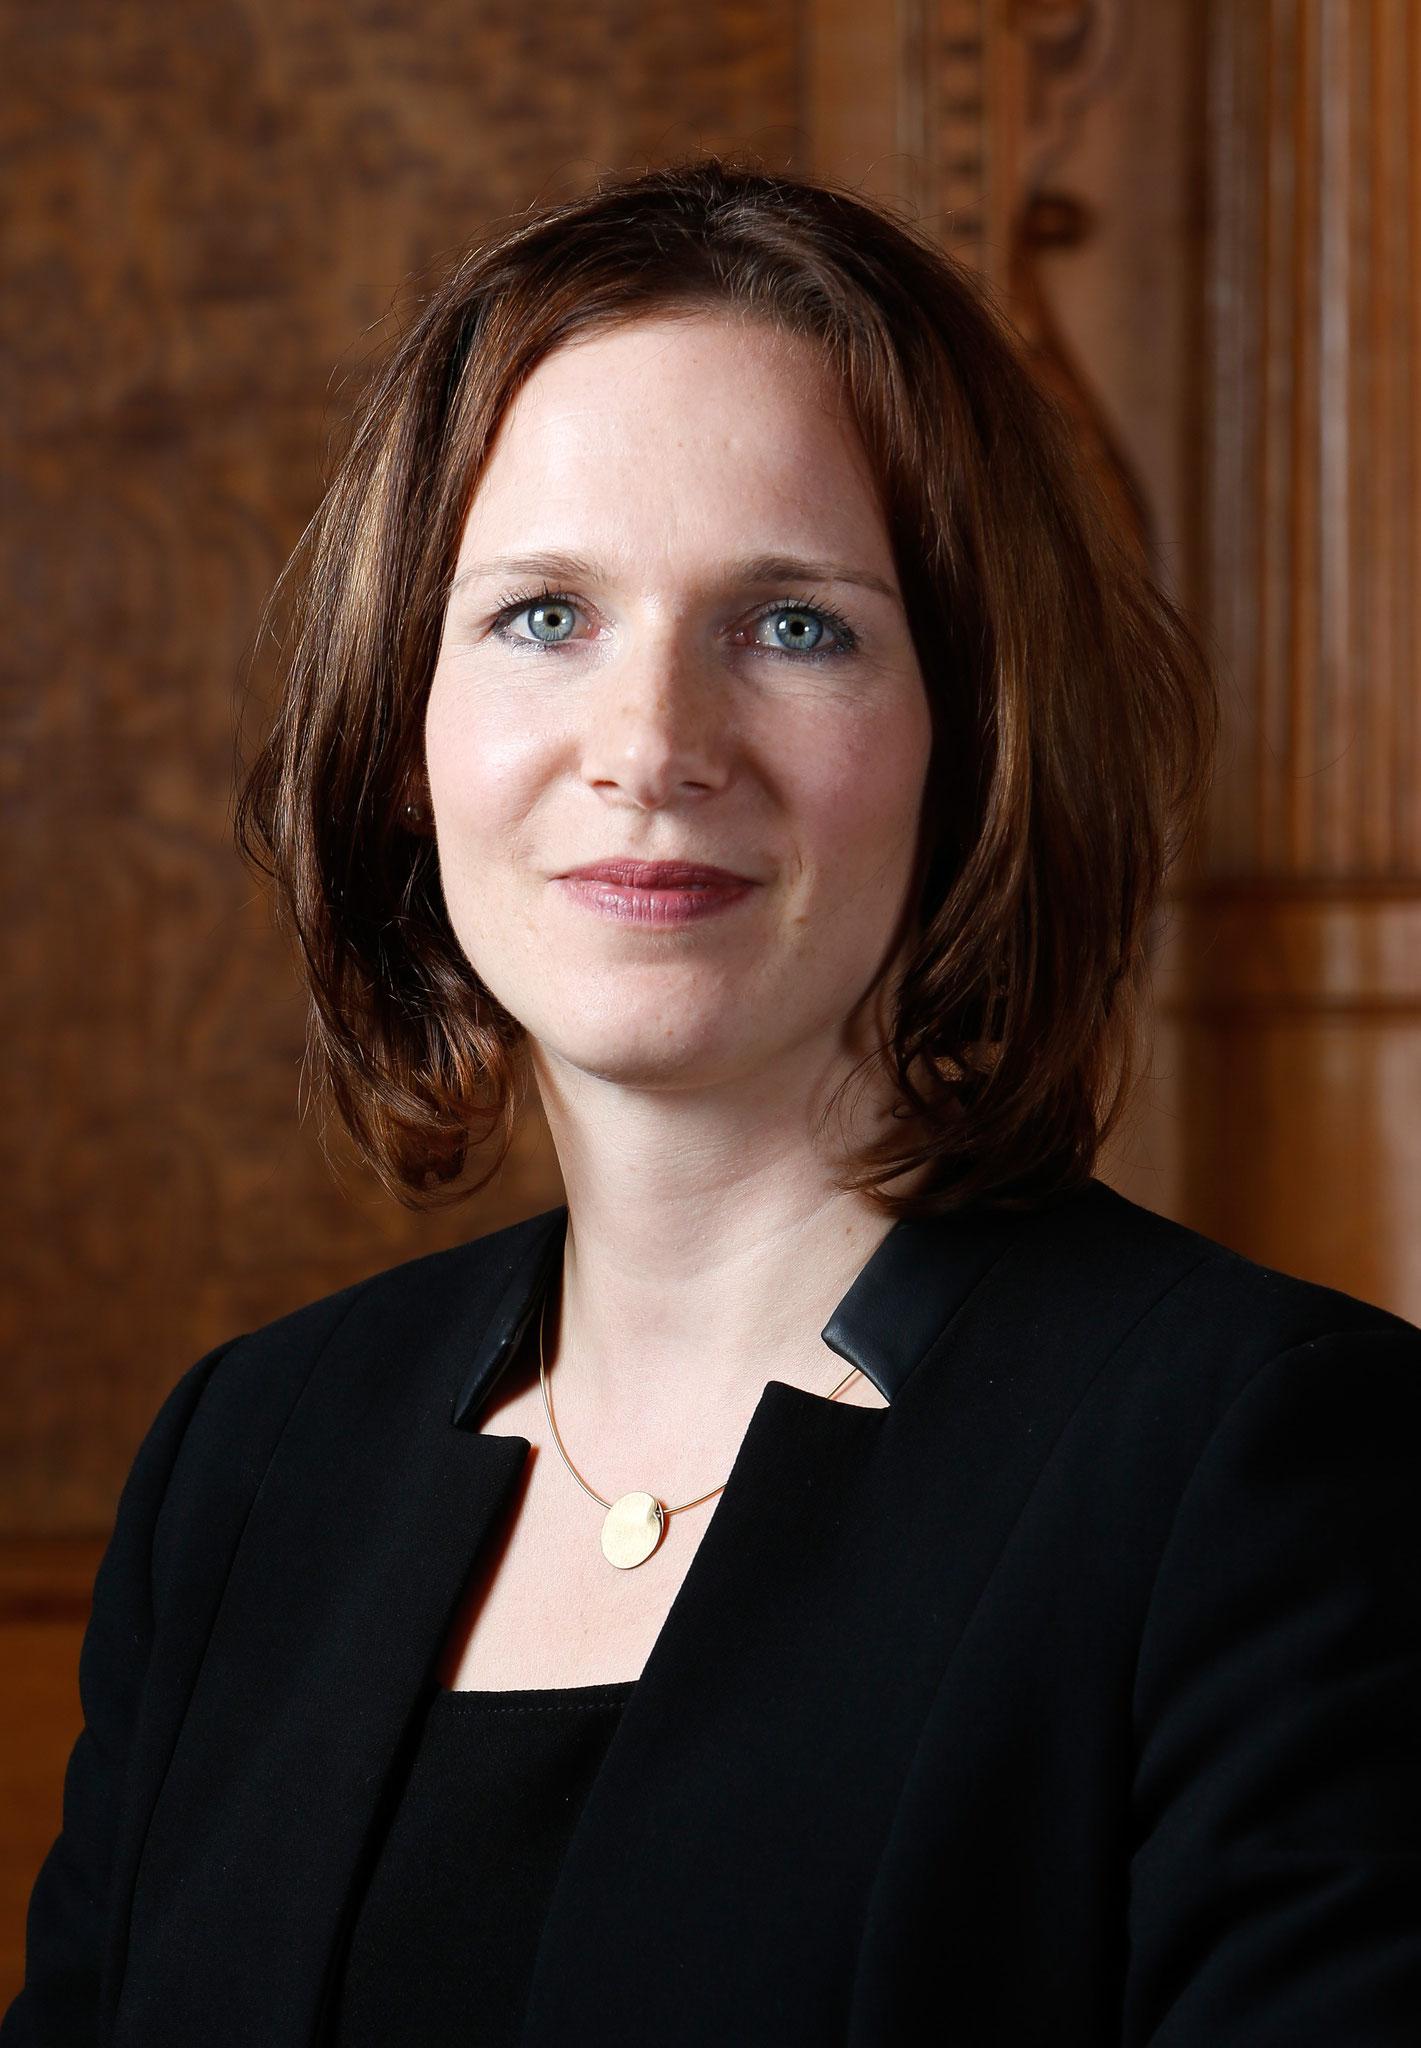 Evi Allemann, Conseillère nationale PS : la MädchenHouse desFilles sera  potentiellement un phare pour la prévention et le soutien des adolescentes et des jeunes femmes. C'est pourquoi je soutiens le projet